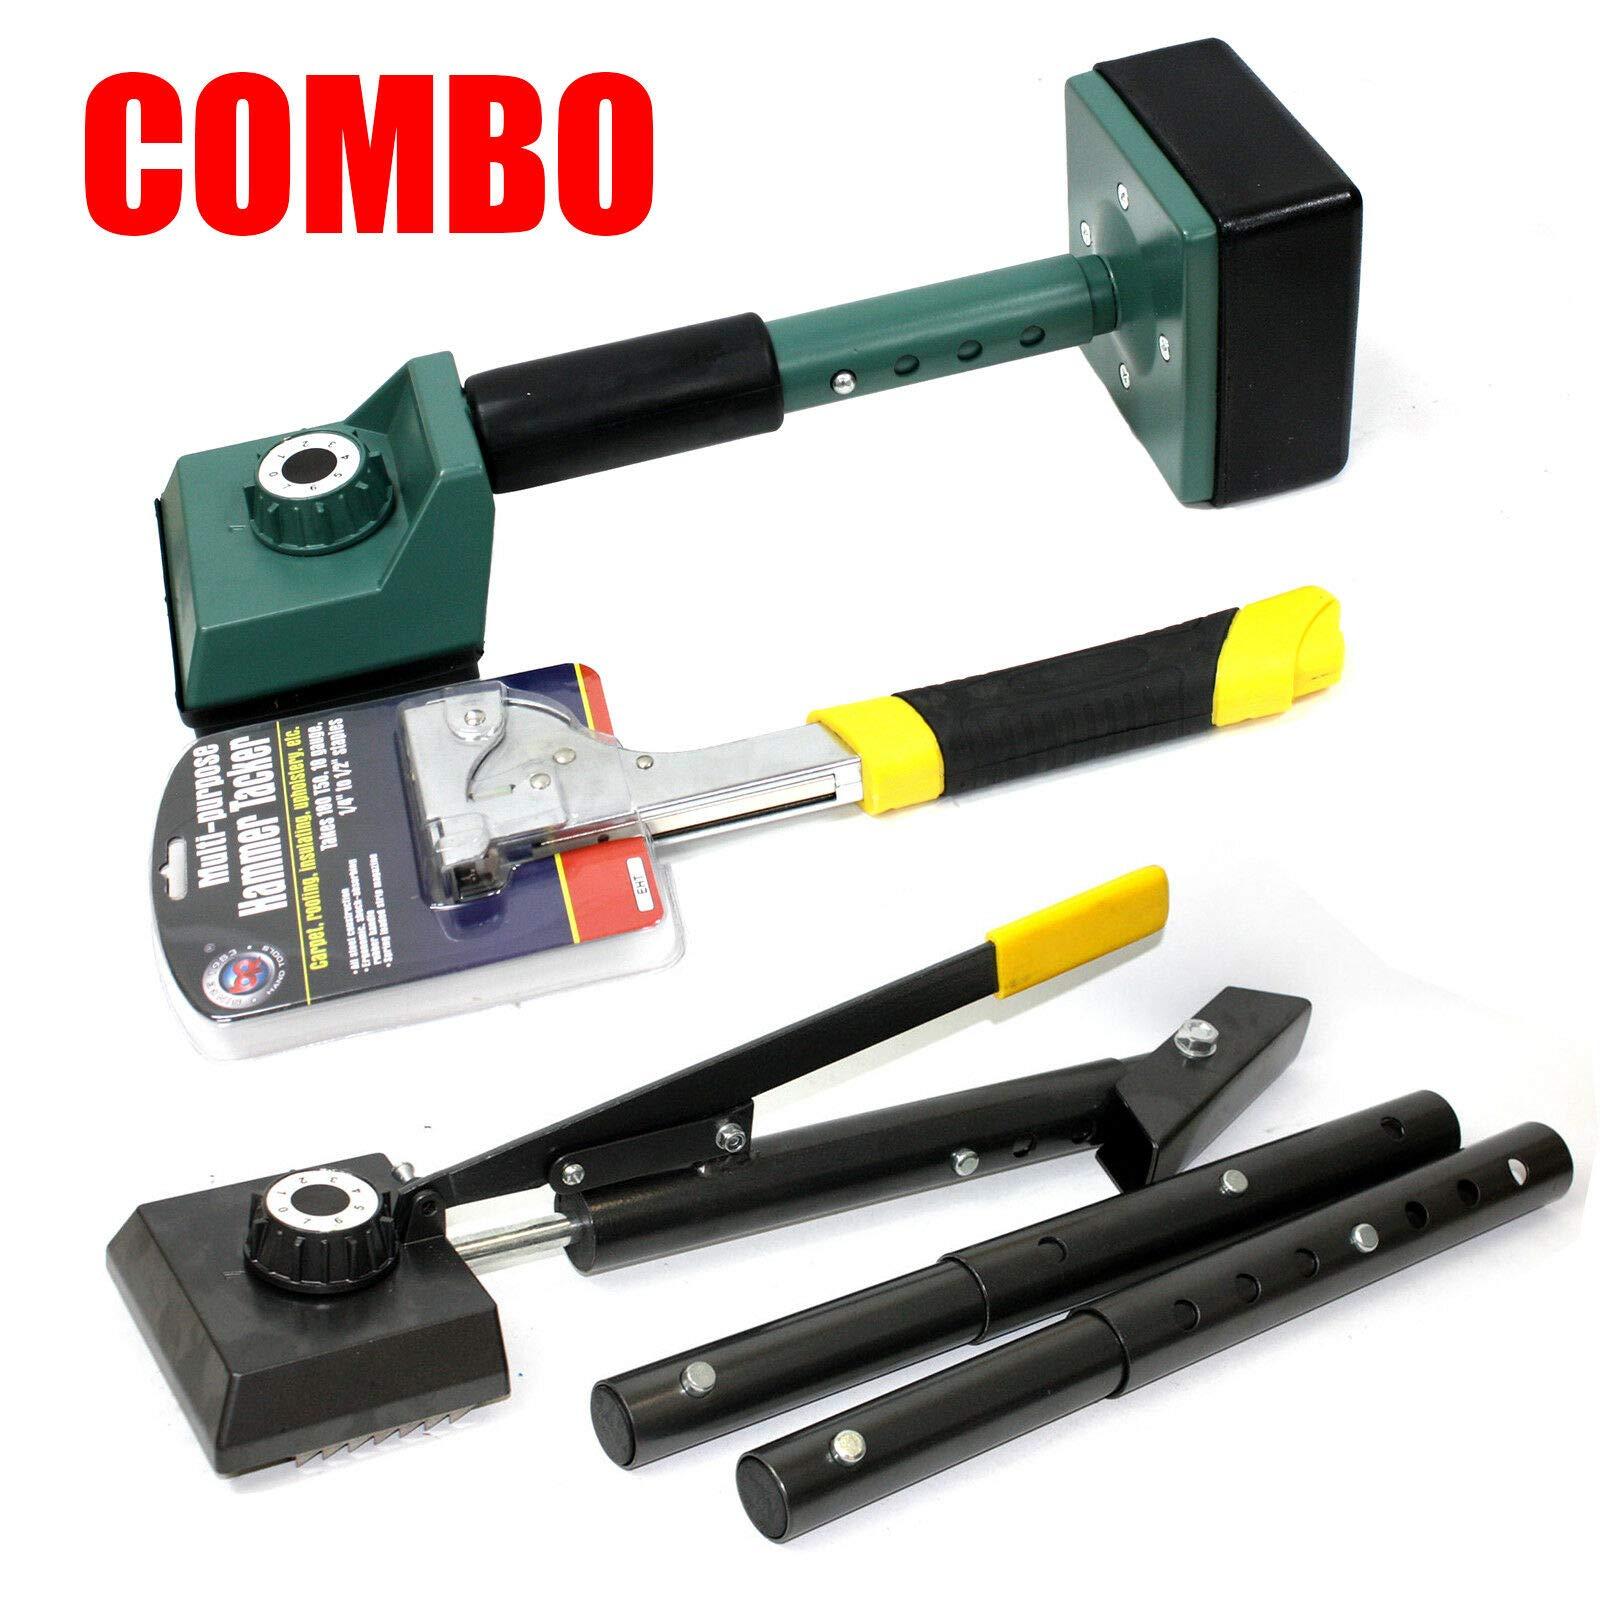 9TRADING Combo Carpet Hammer Tacker Stapler & Lever Action Stretcher & Knee Kicker Set by 9TRADING